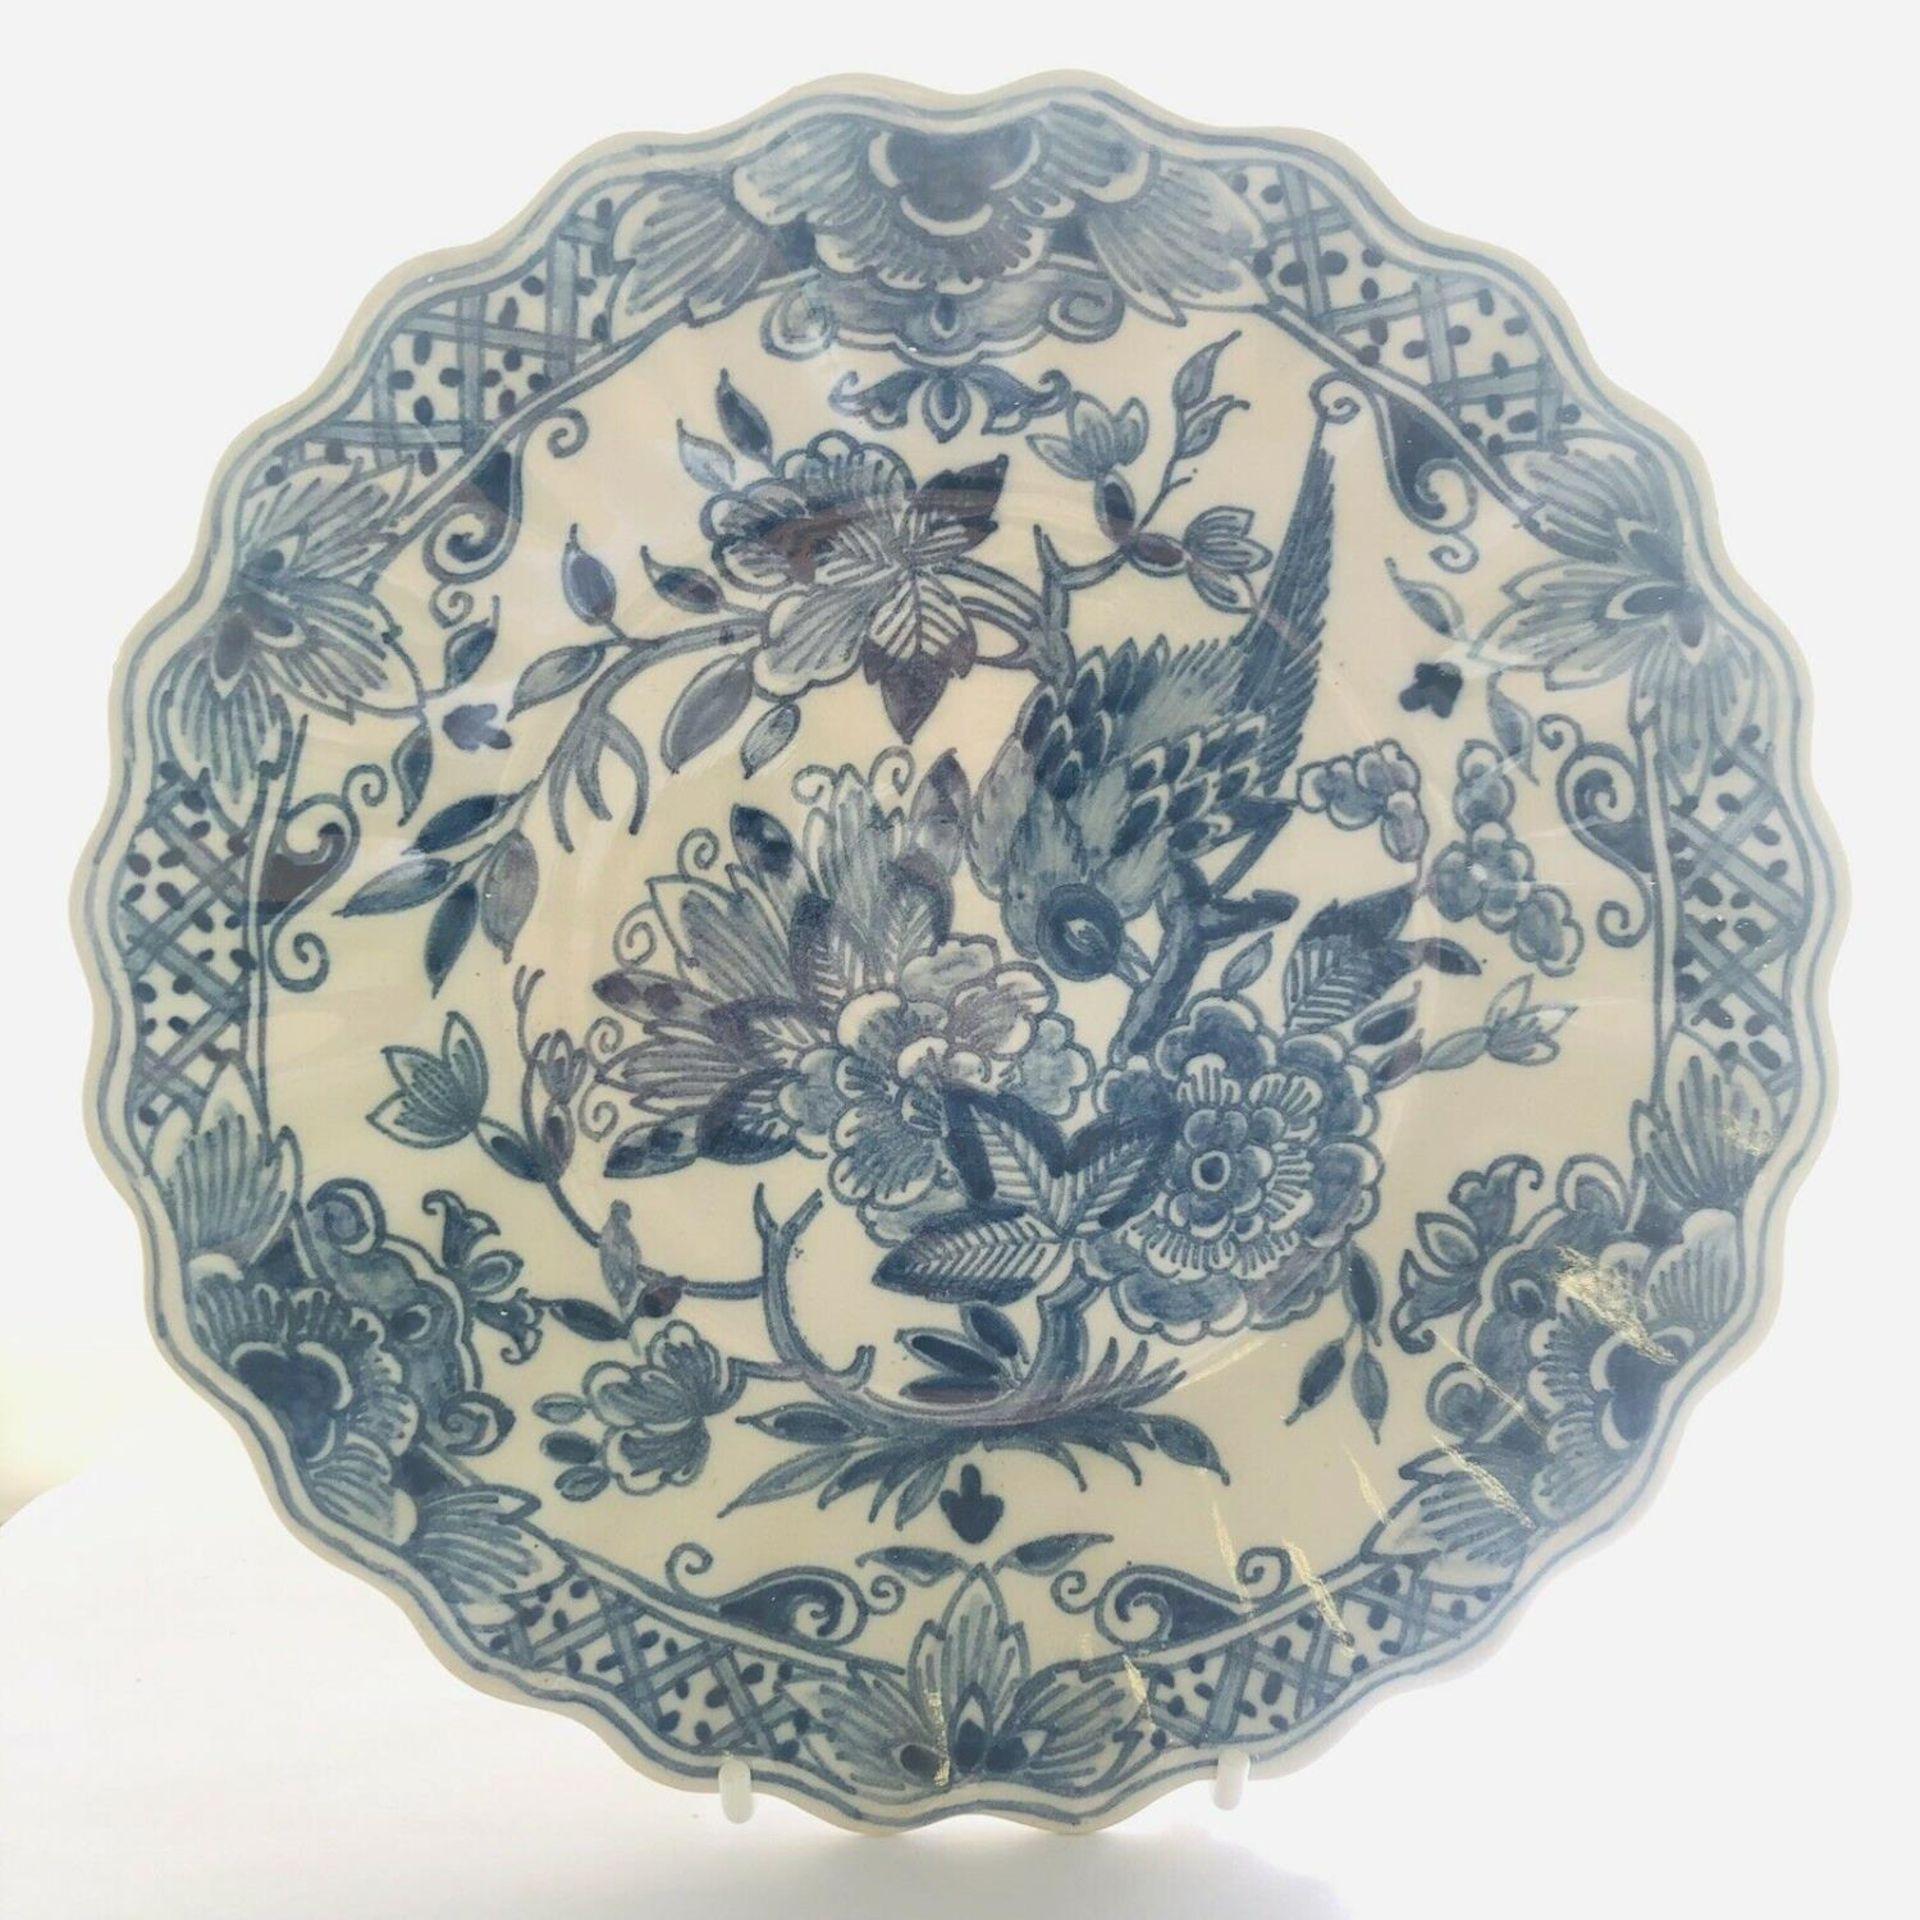 Lot 18 - Royal Makkum Tichelaar Blue & White Delftware Wall Plate Pattern No 1041